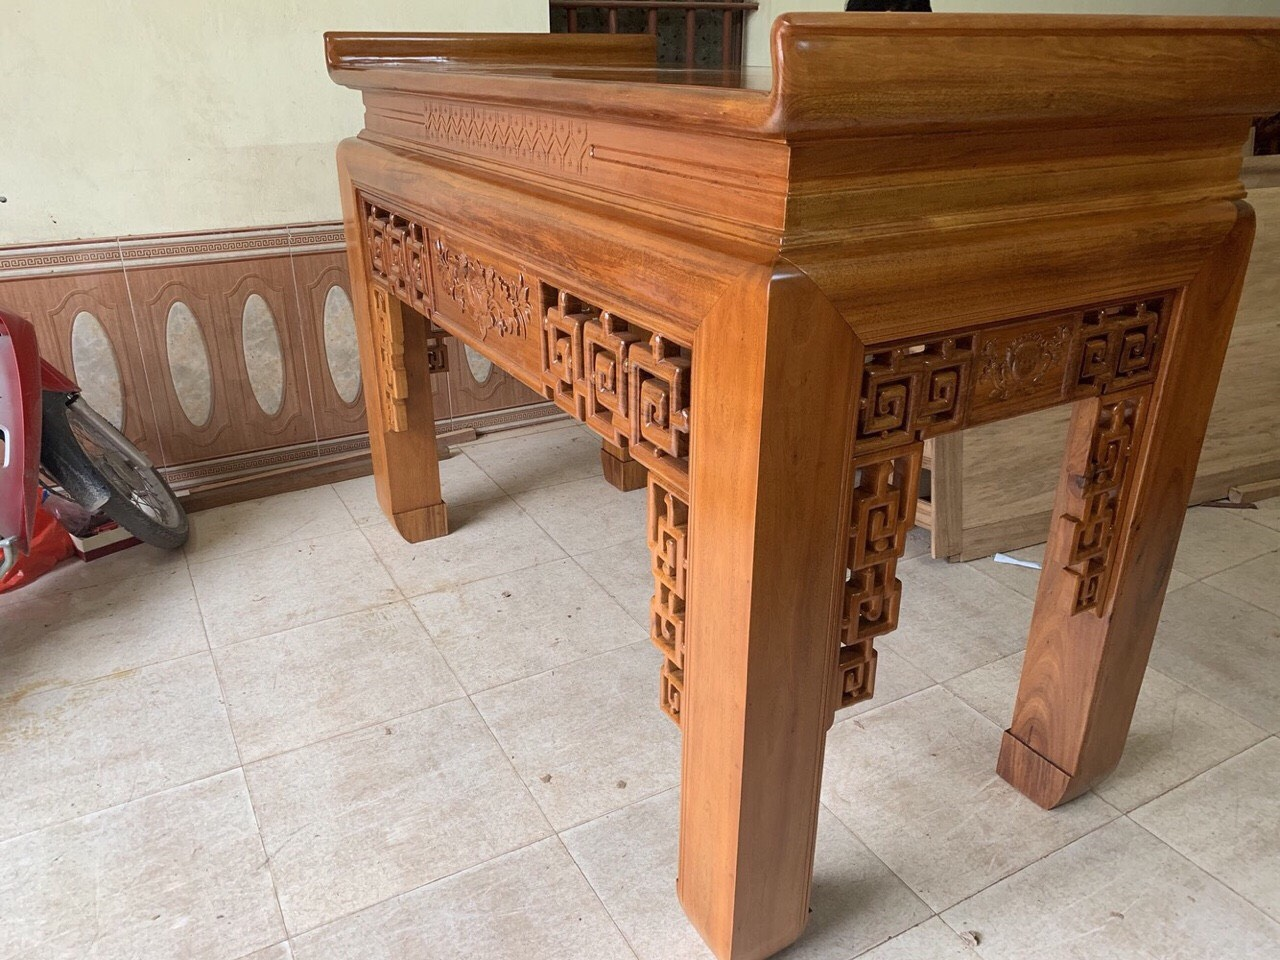 An gian tho go gu Lao chan 16 hang dat - Án gian thờ gỗ gụ Lào chân 16 (hàng đặt)